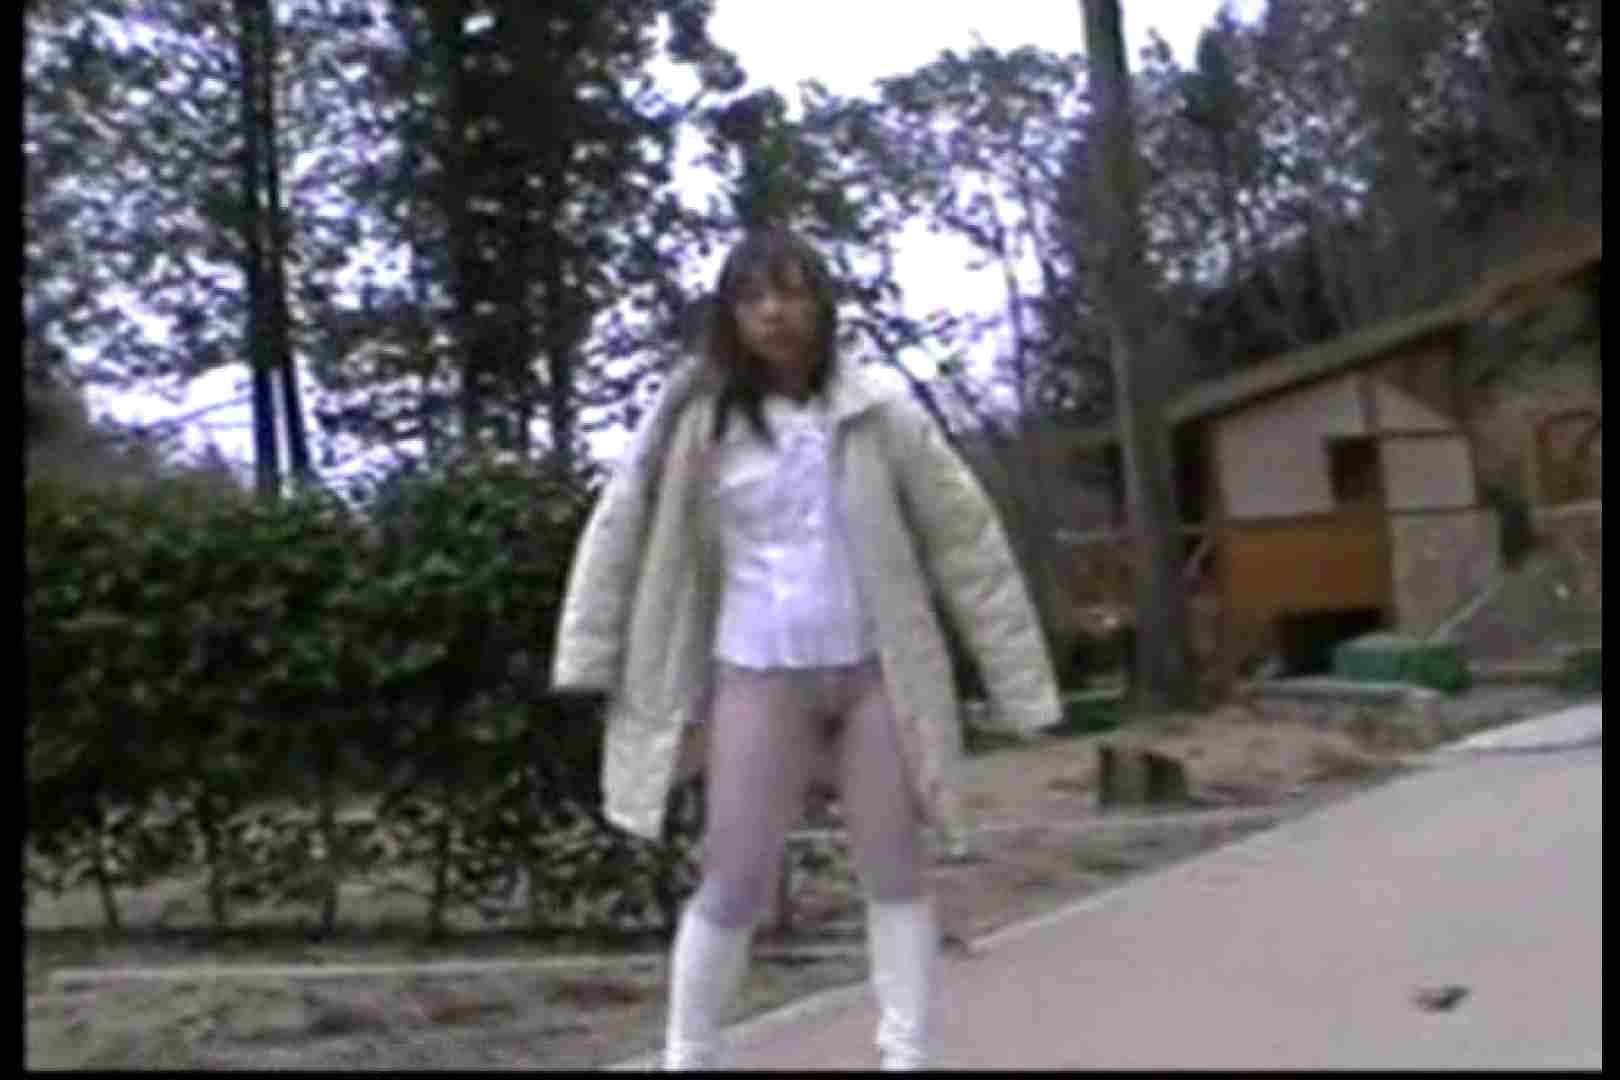 美熟女の野外露出プレイ2 いやらしい熟女 盗撮動画紹介 83連発 72